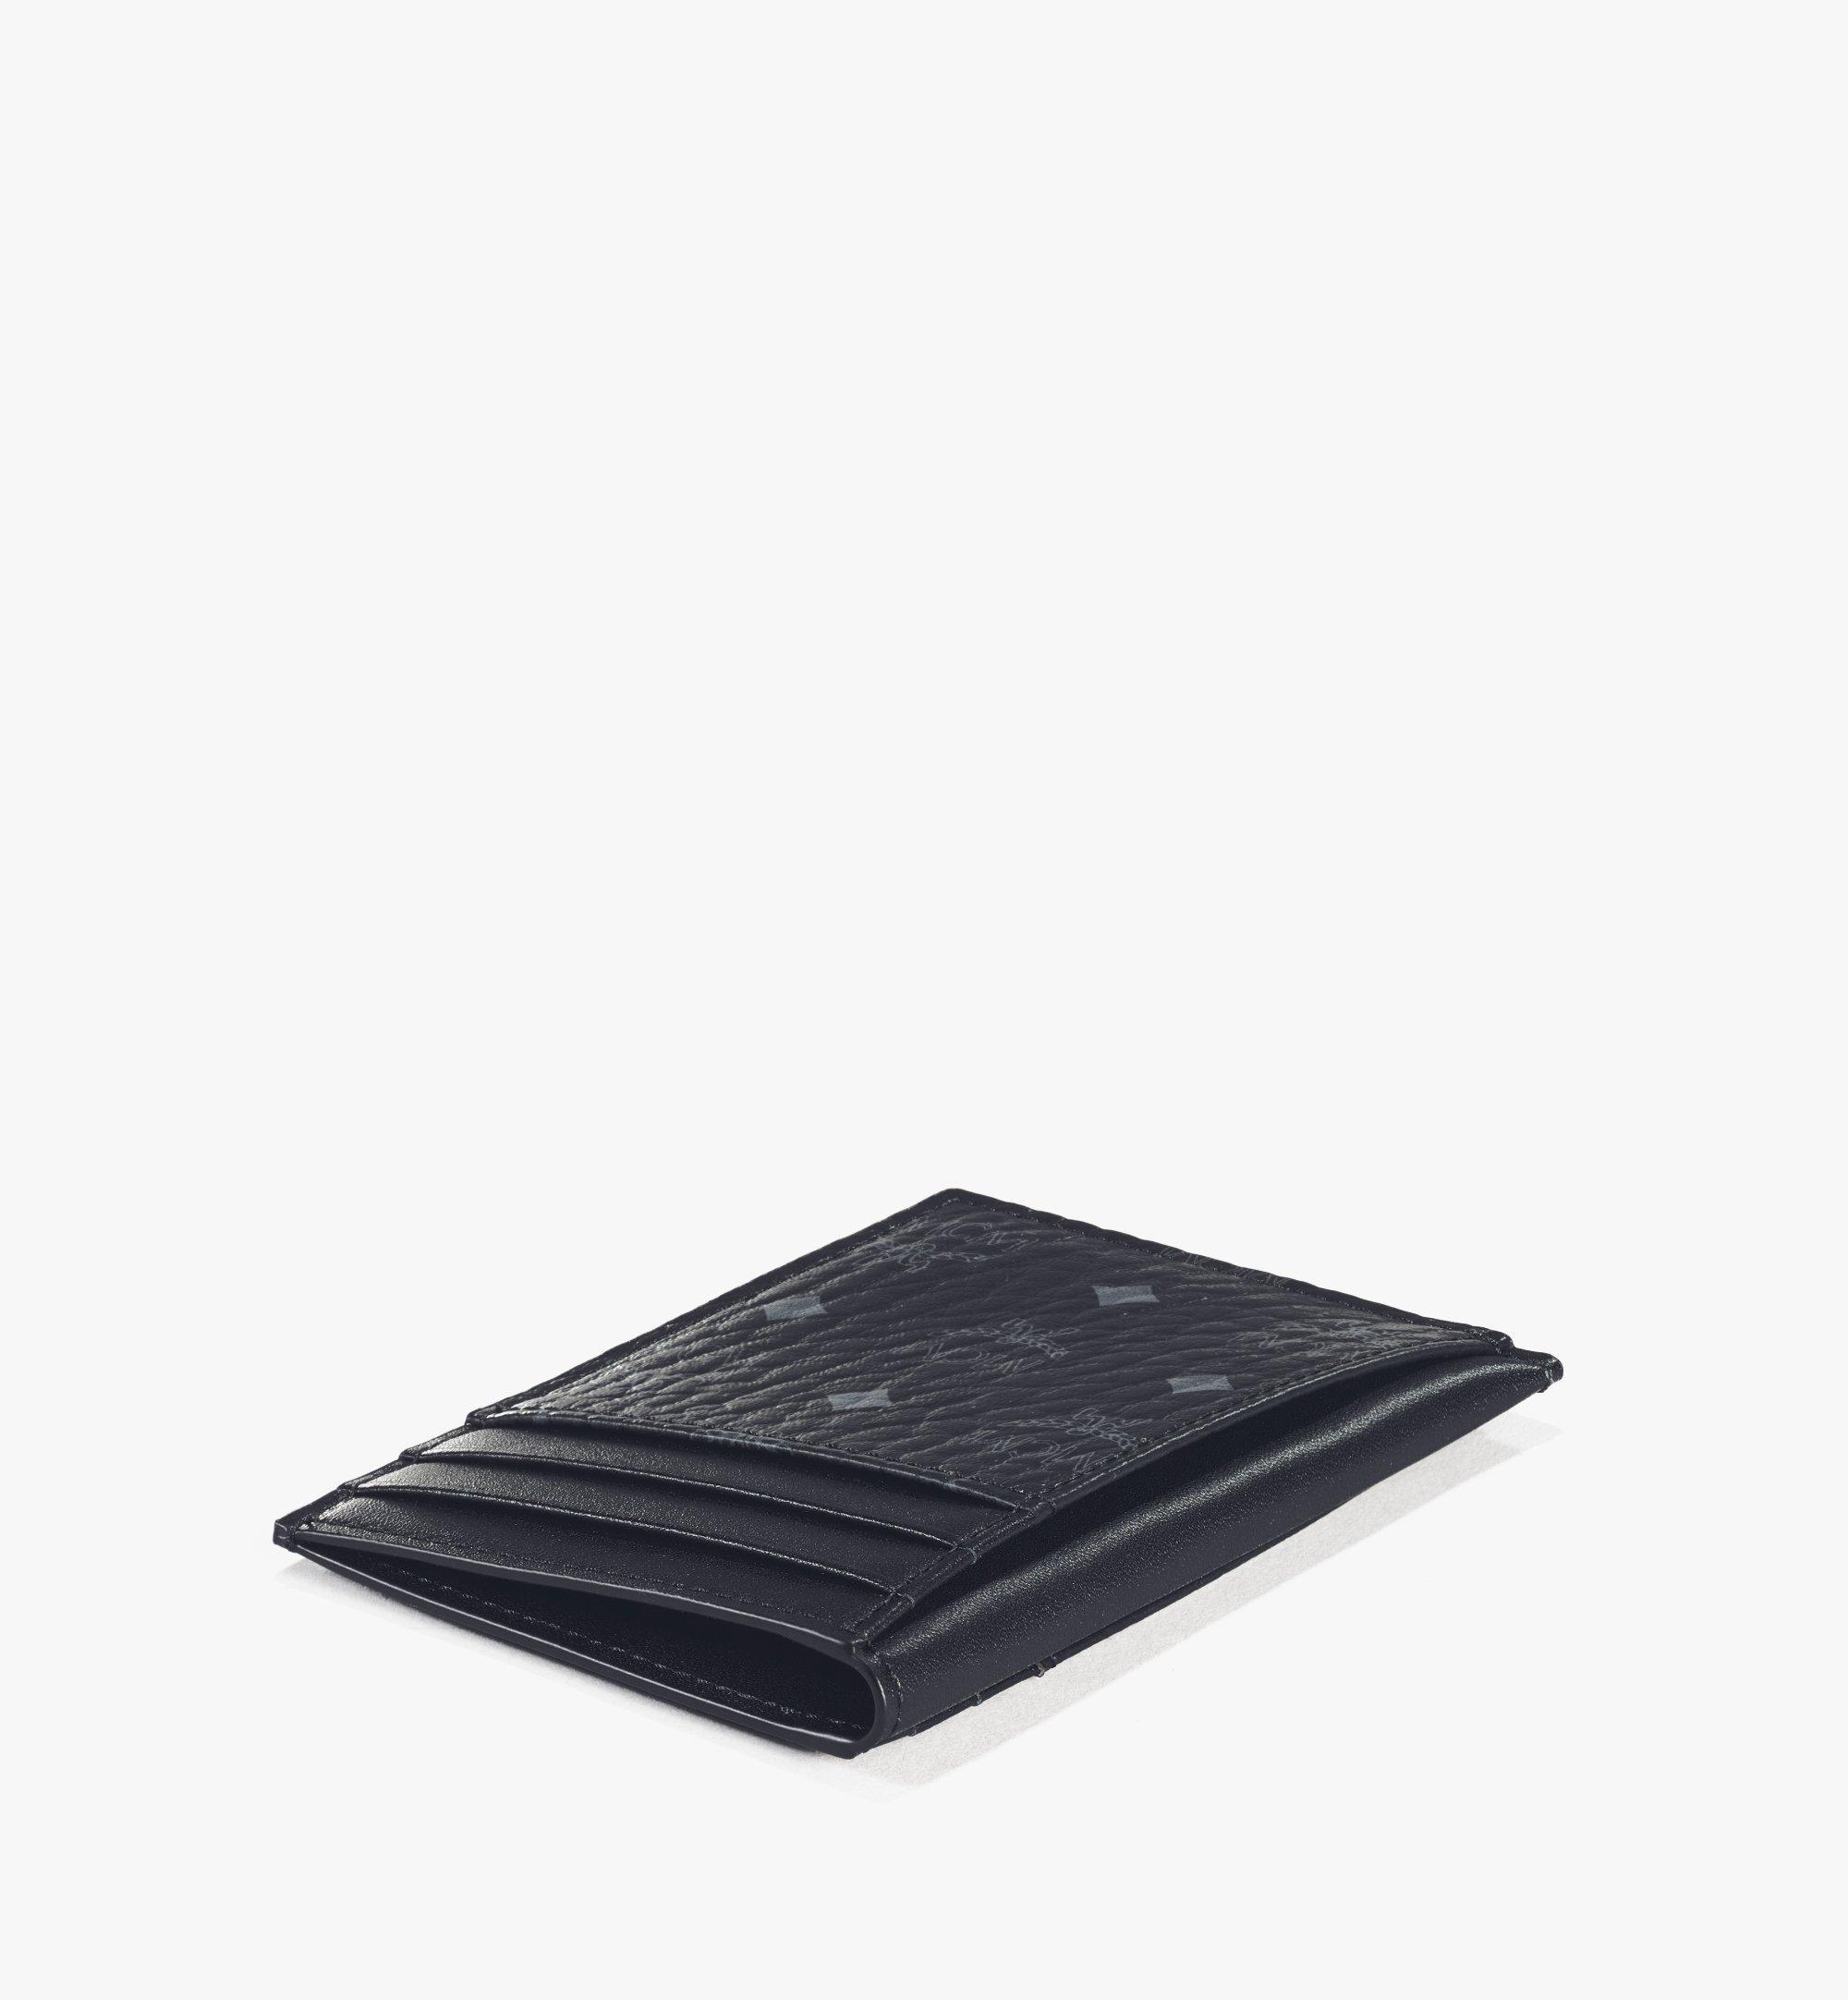 MCM N/S Card Case in Visetos Original Black MXAAAVI03BK001 Alternate View 2